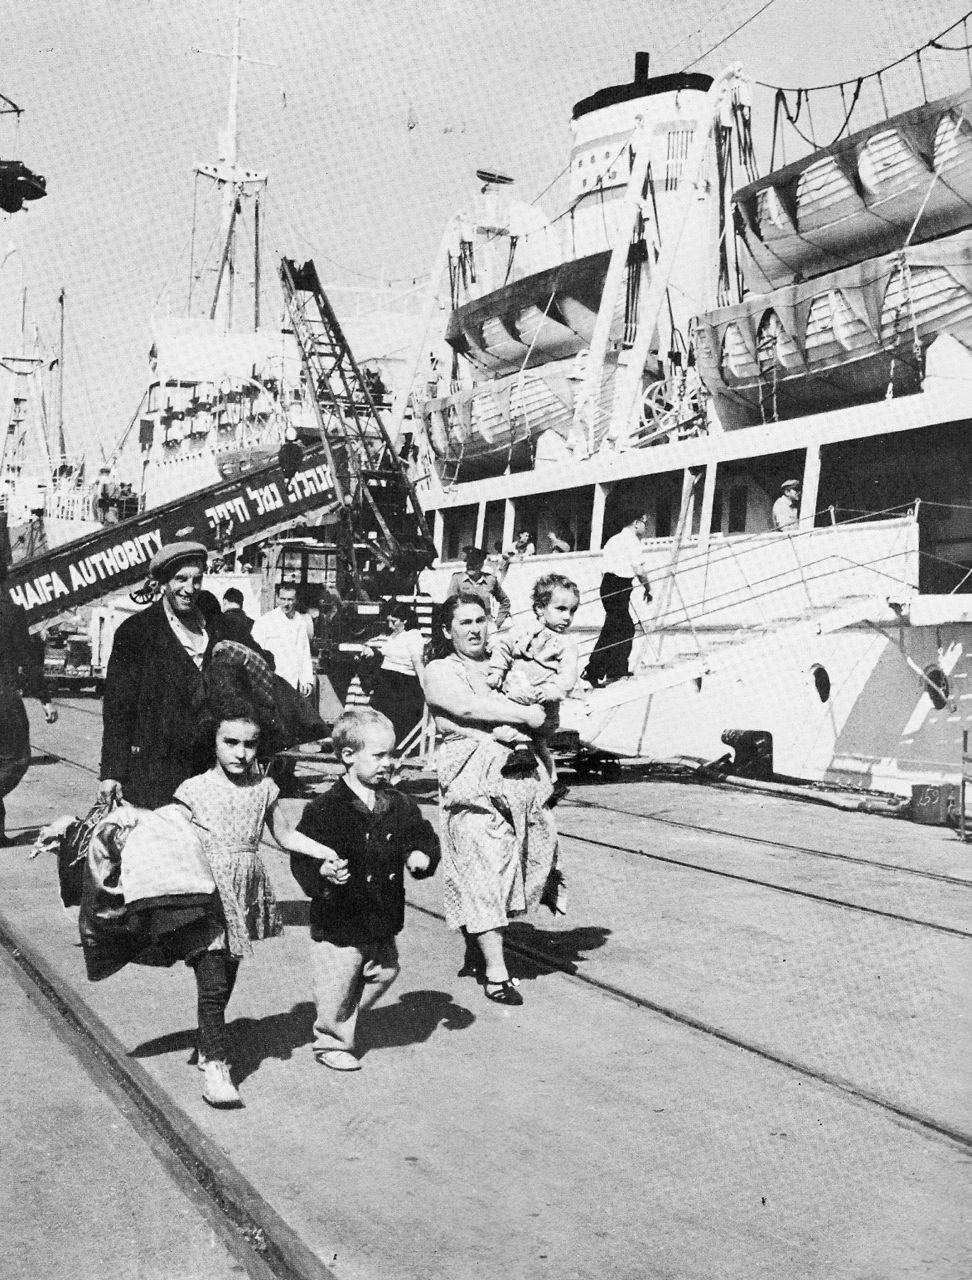 Ankunft von Neueinwanderern im Hafen von Haifa